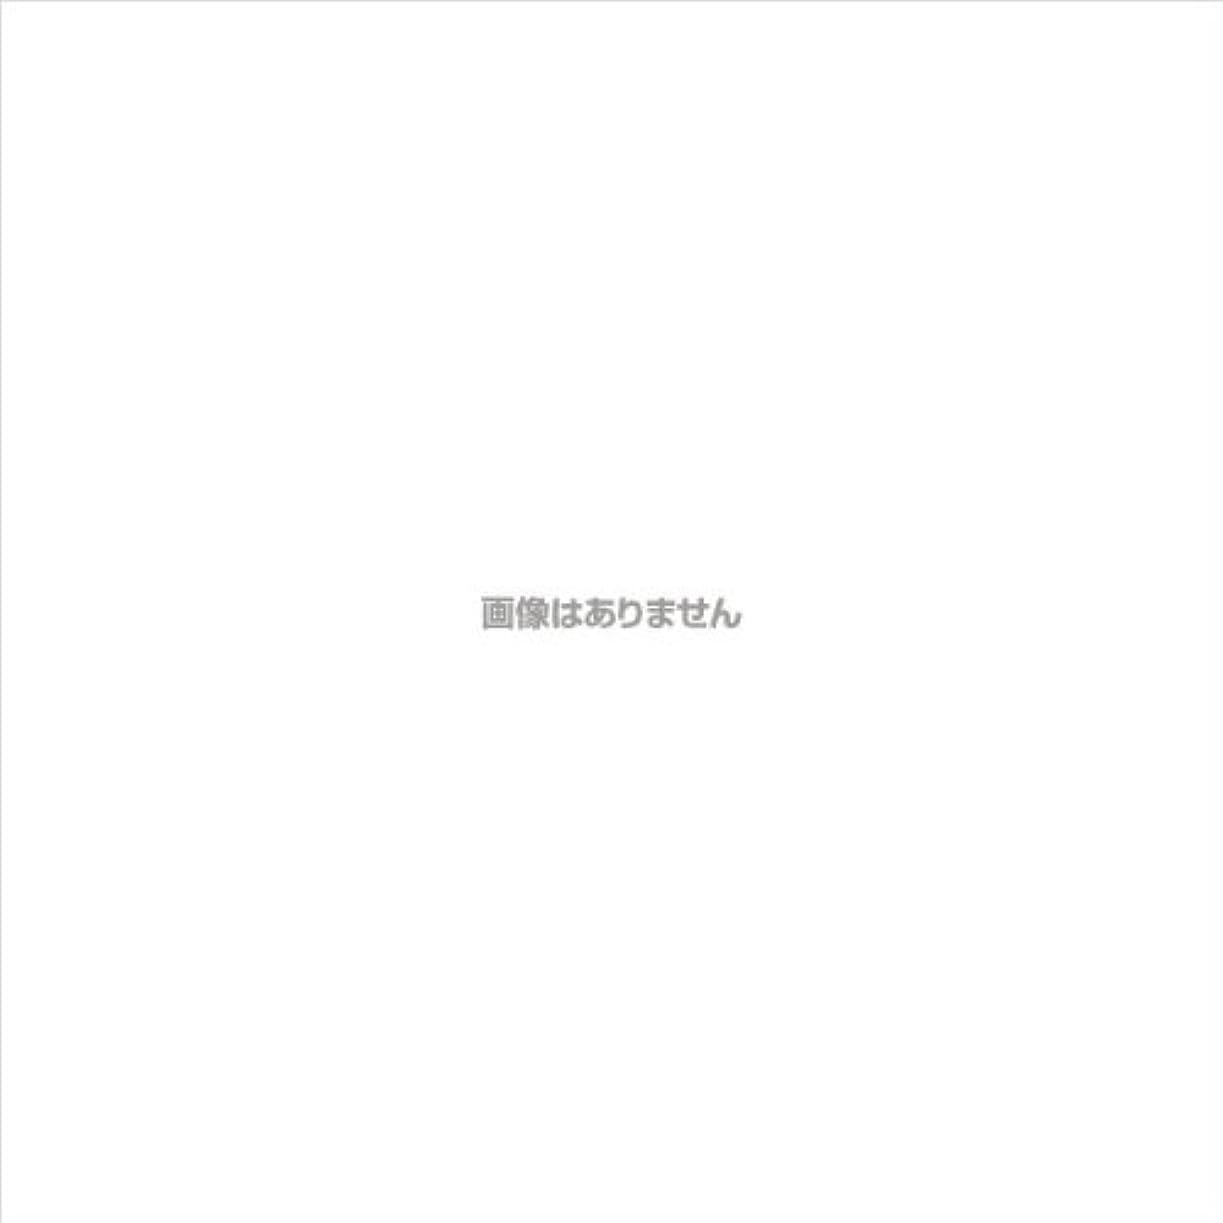 従者警戒有限ニトリルNEOプラス パウダーフリー / 574 L ホワイト 100枚入 ケース(20箱入)